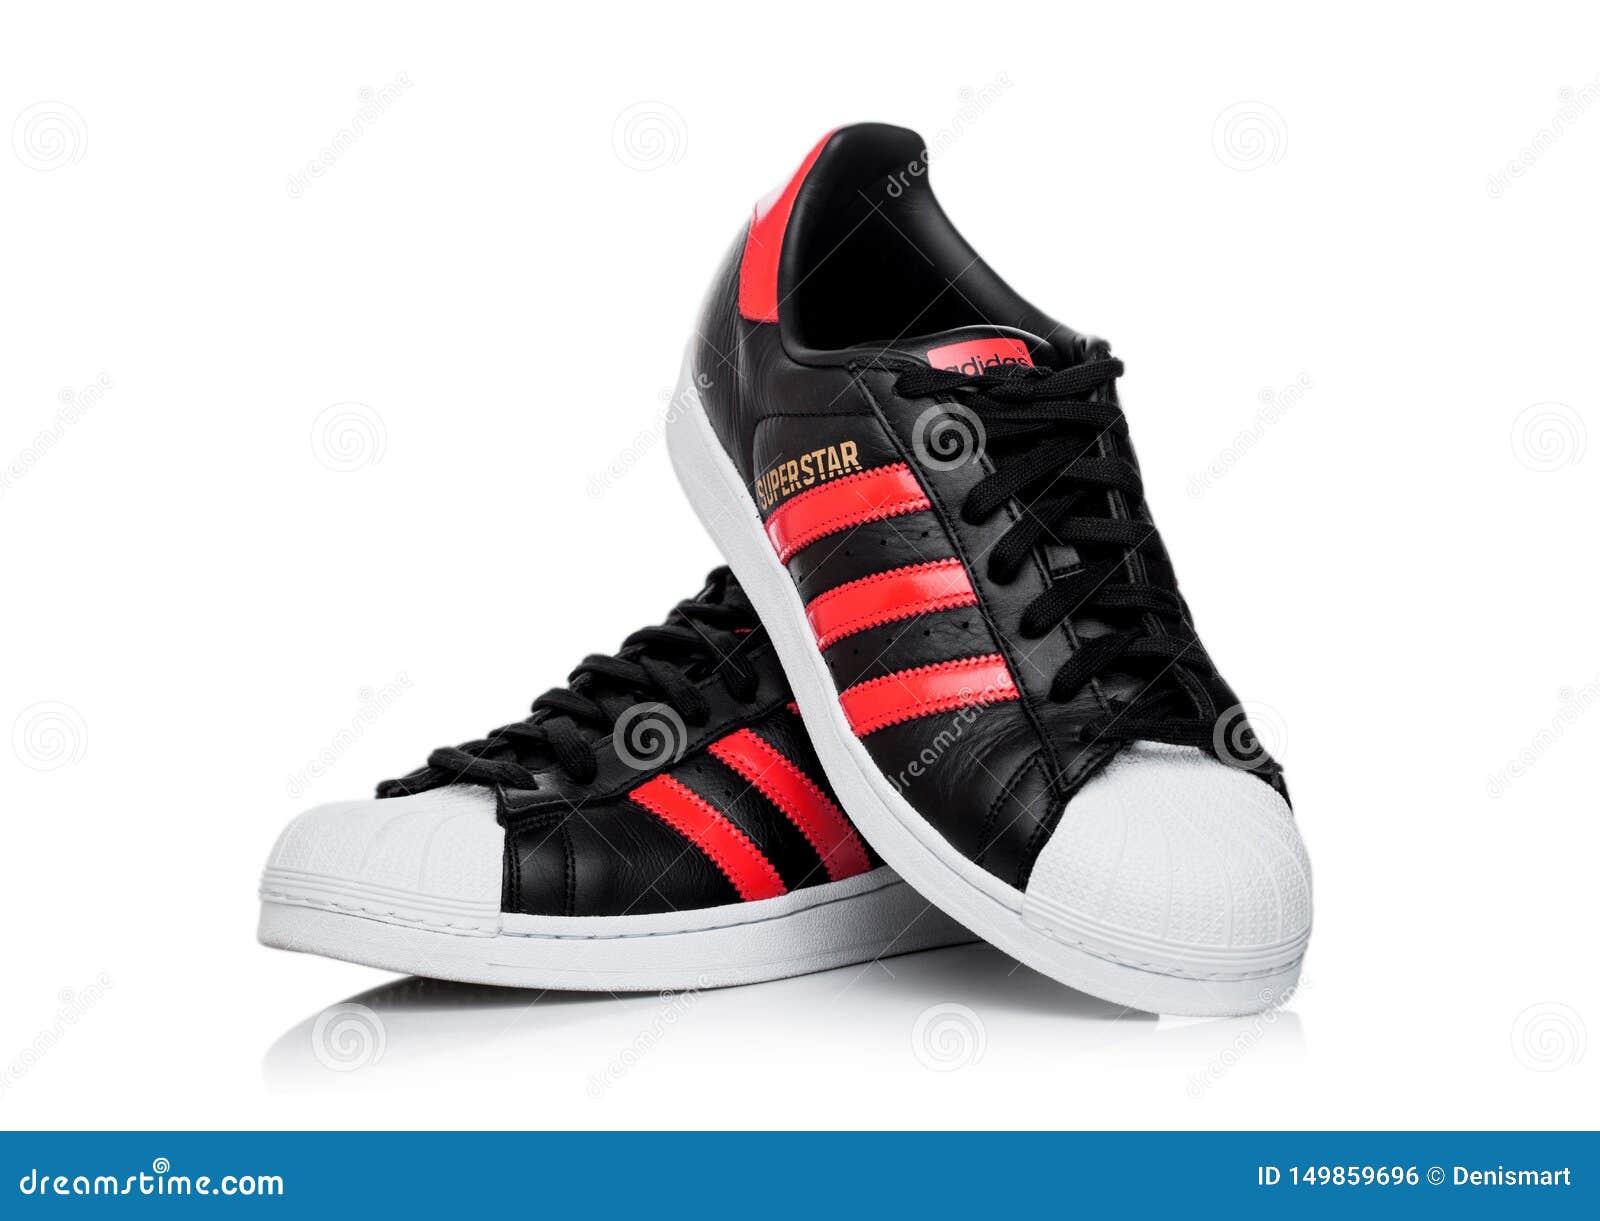 Adidas Originals Superstar Black Shoes